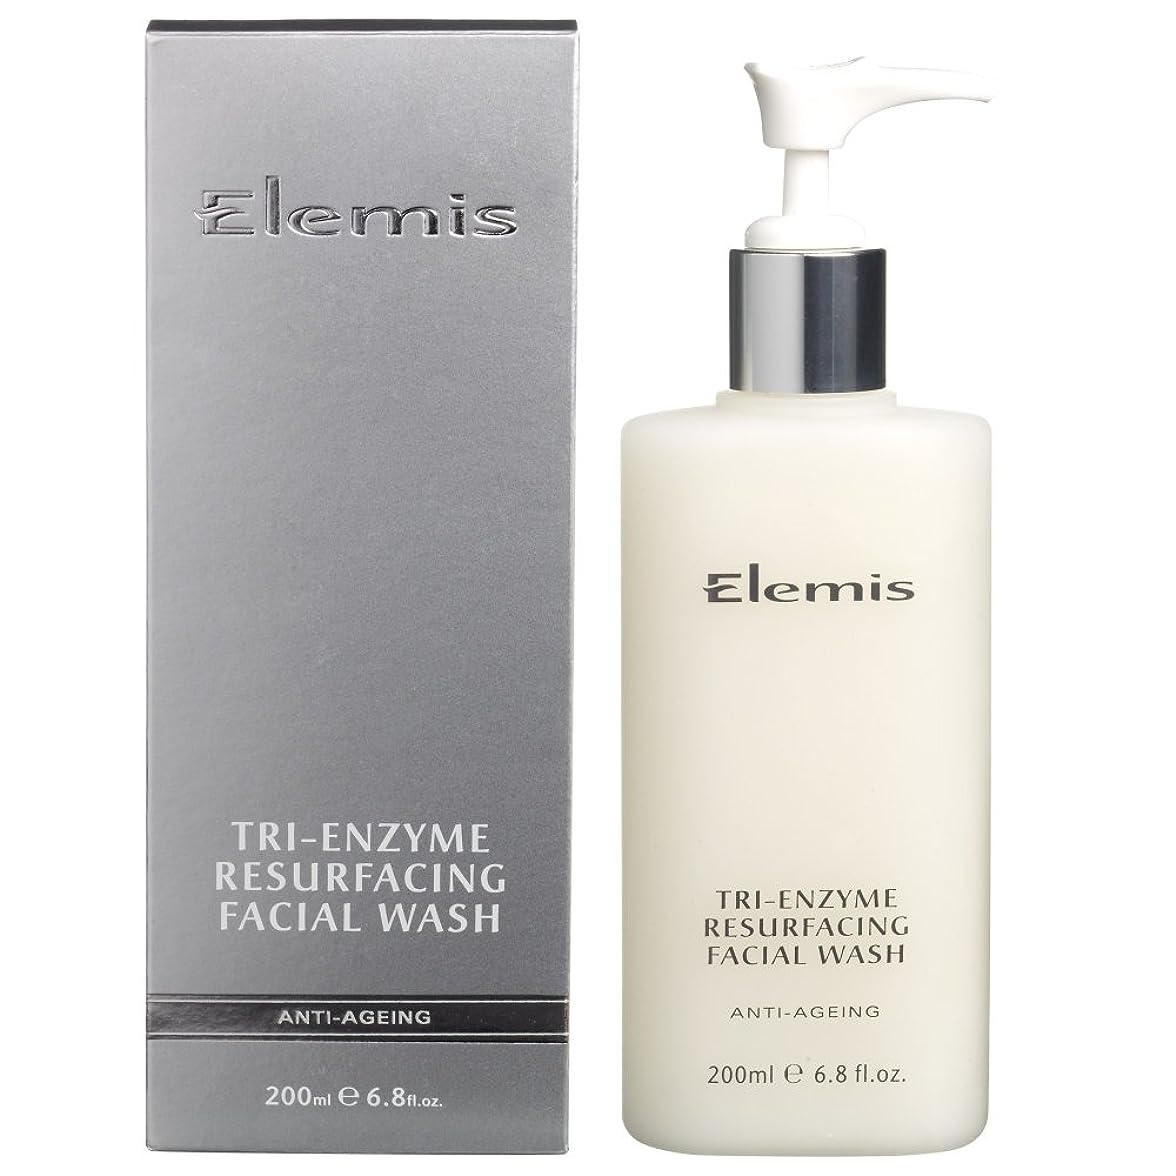 振る舞いトーン消費洗顔料を表面再建エレミストライ酵素 (Elemis) (x2) - Elemis Tri-Enzyme Resurfacing Facial Wash (Pack of 2) [並行輸入品]